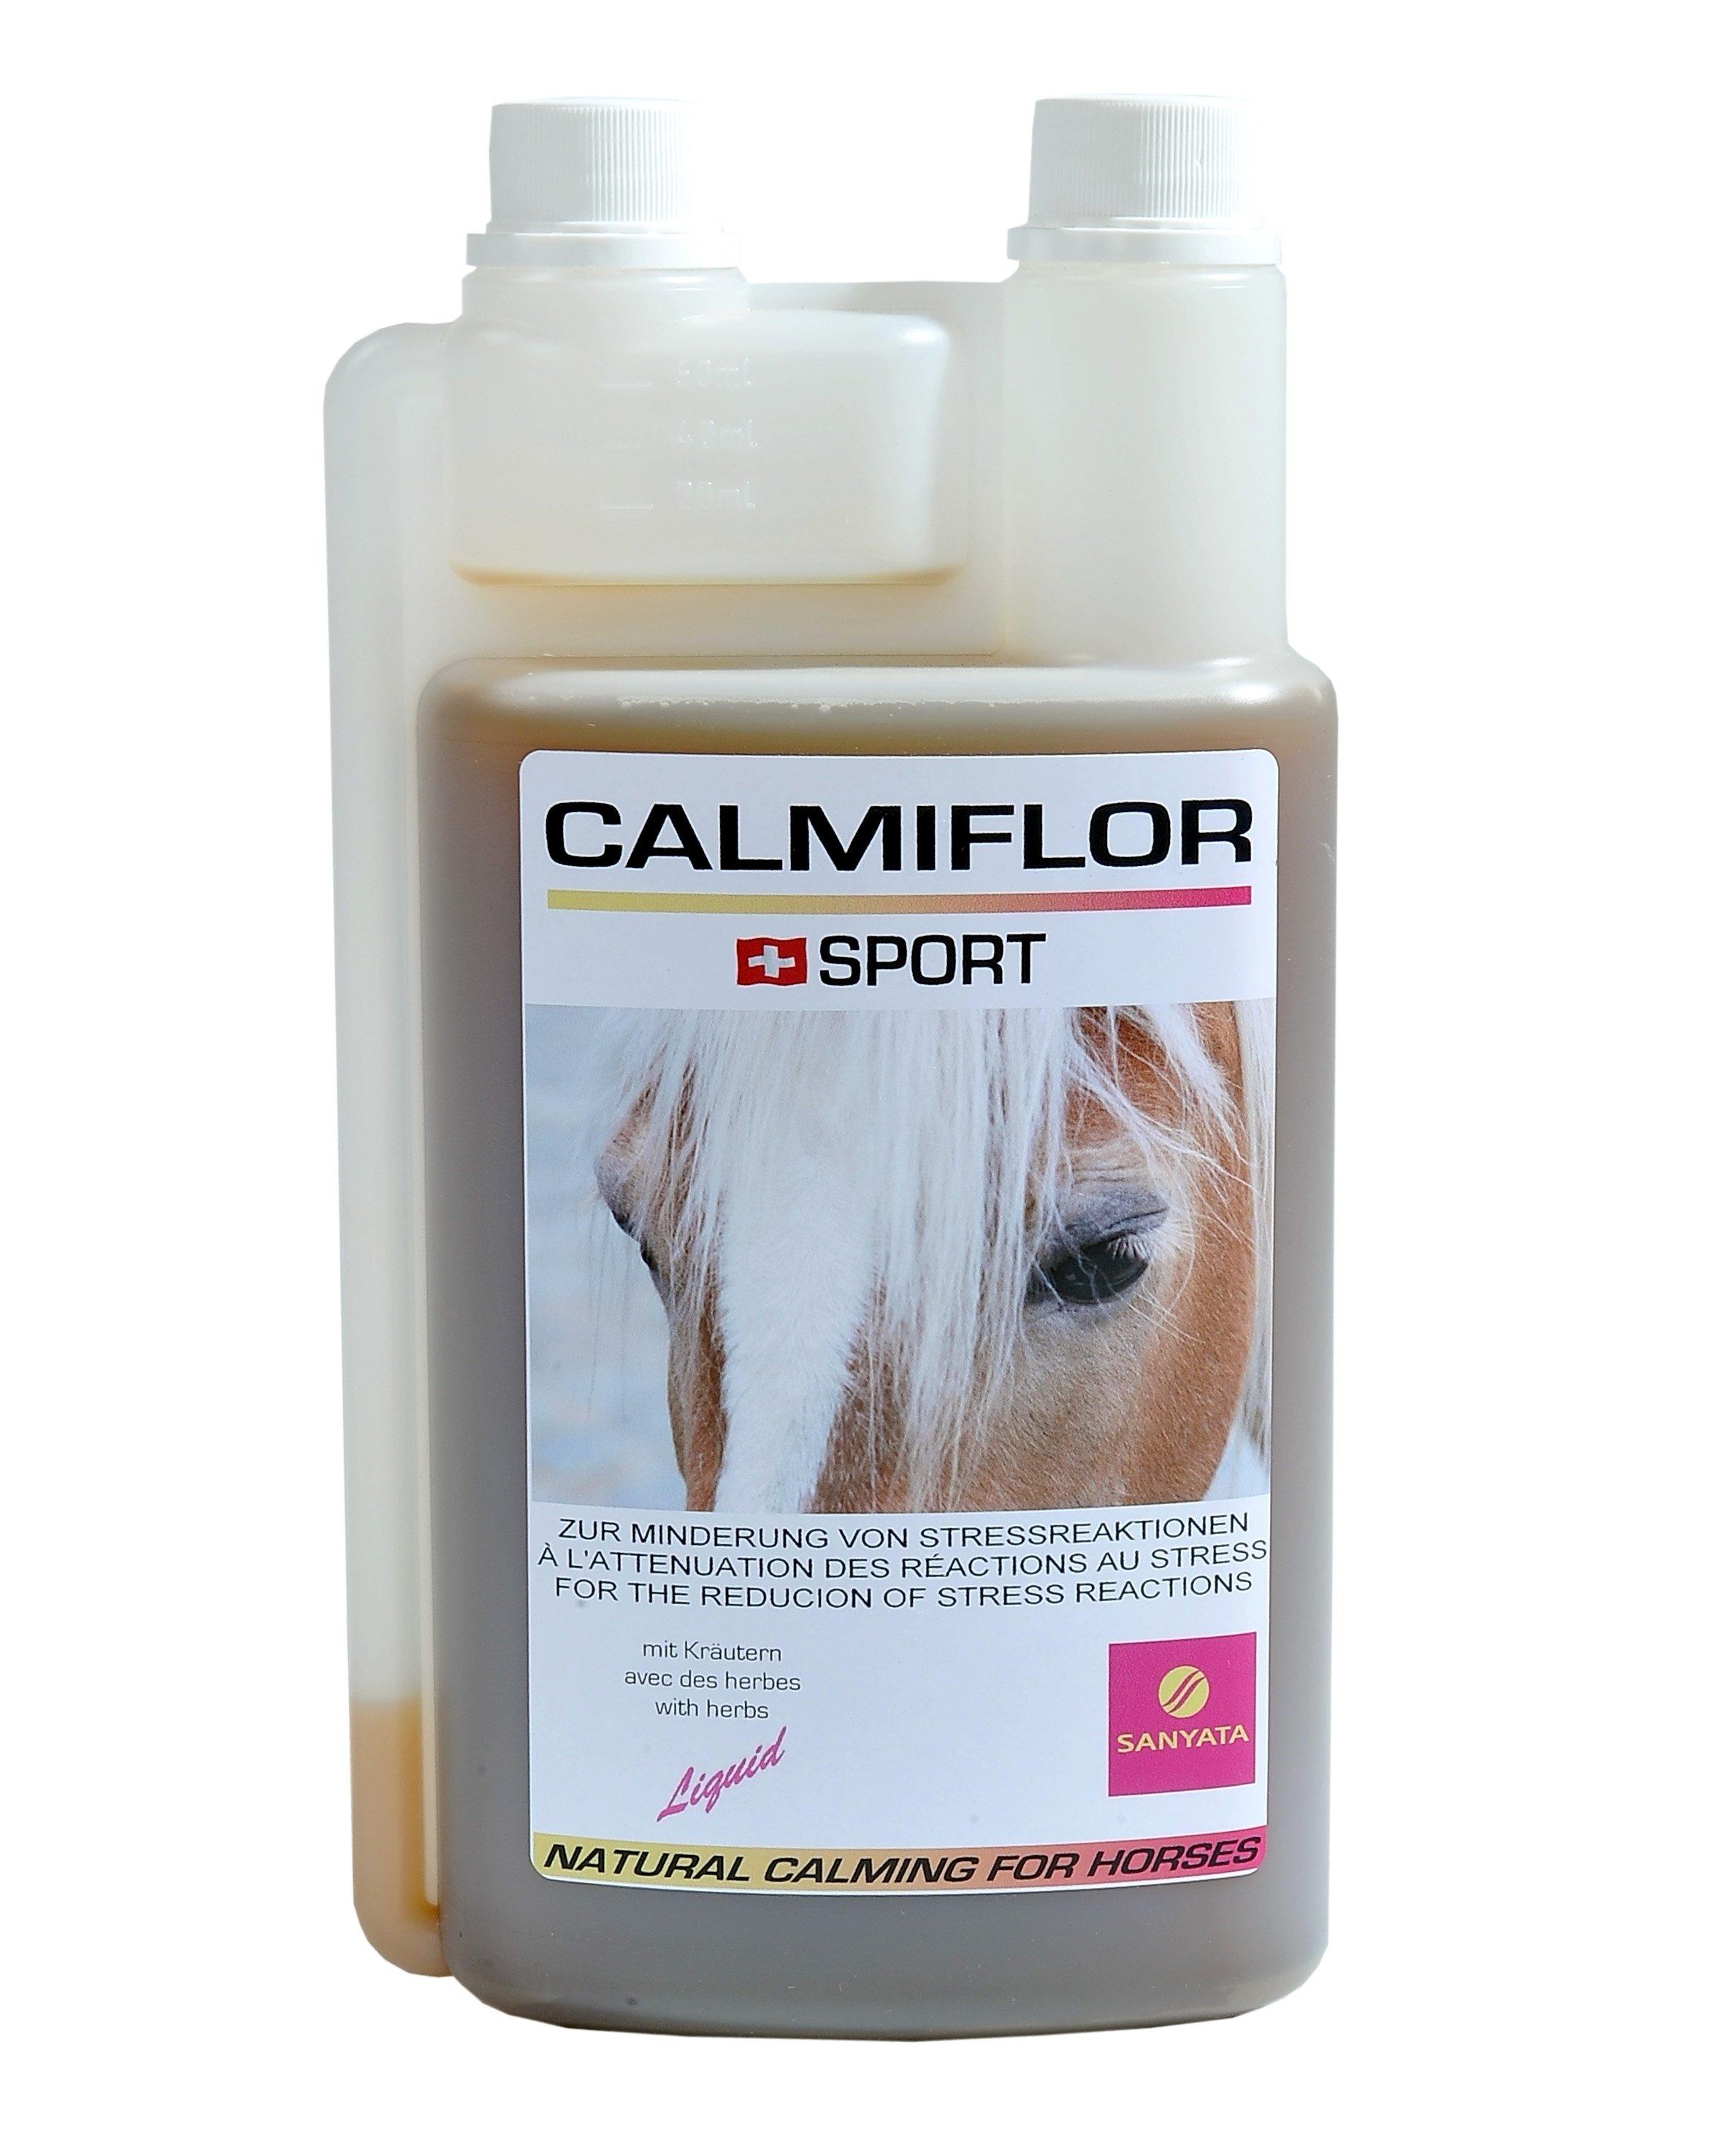 Calmiflor 00282